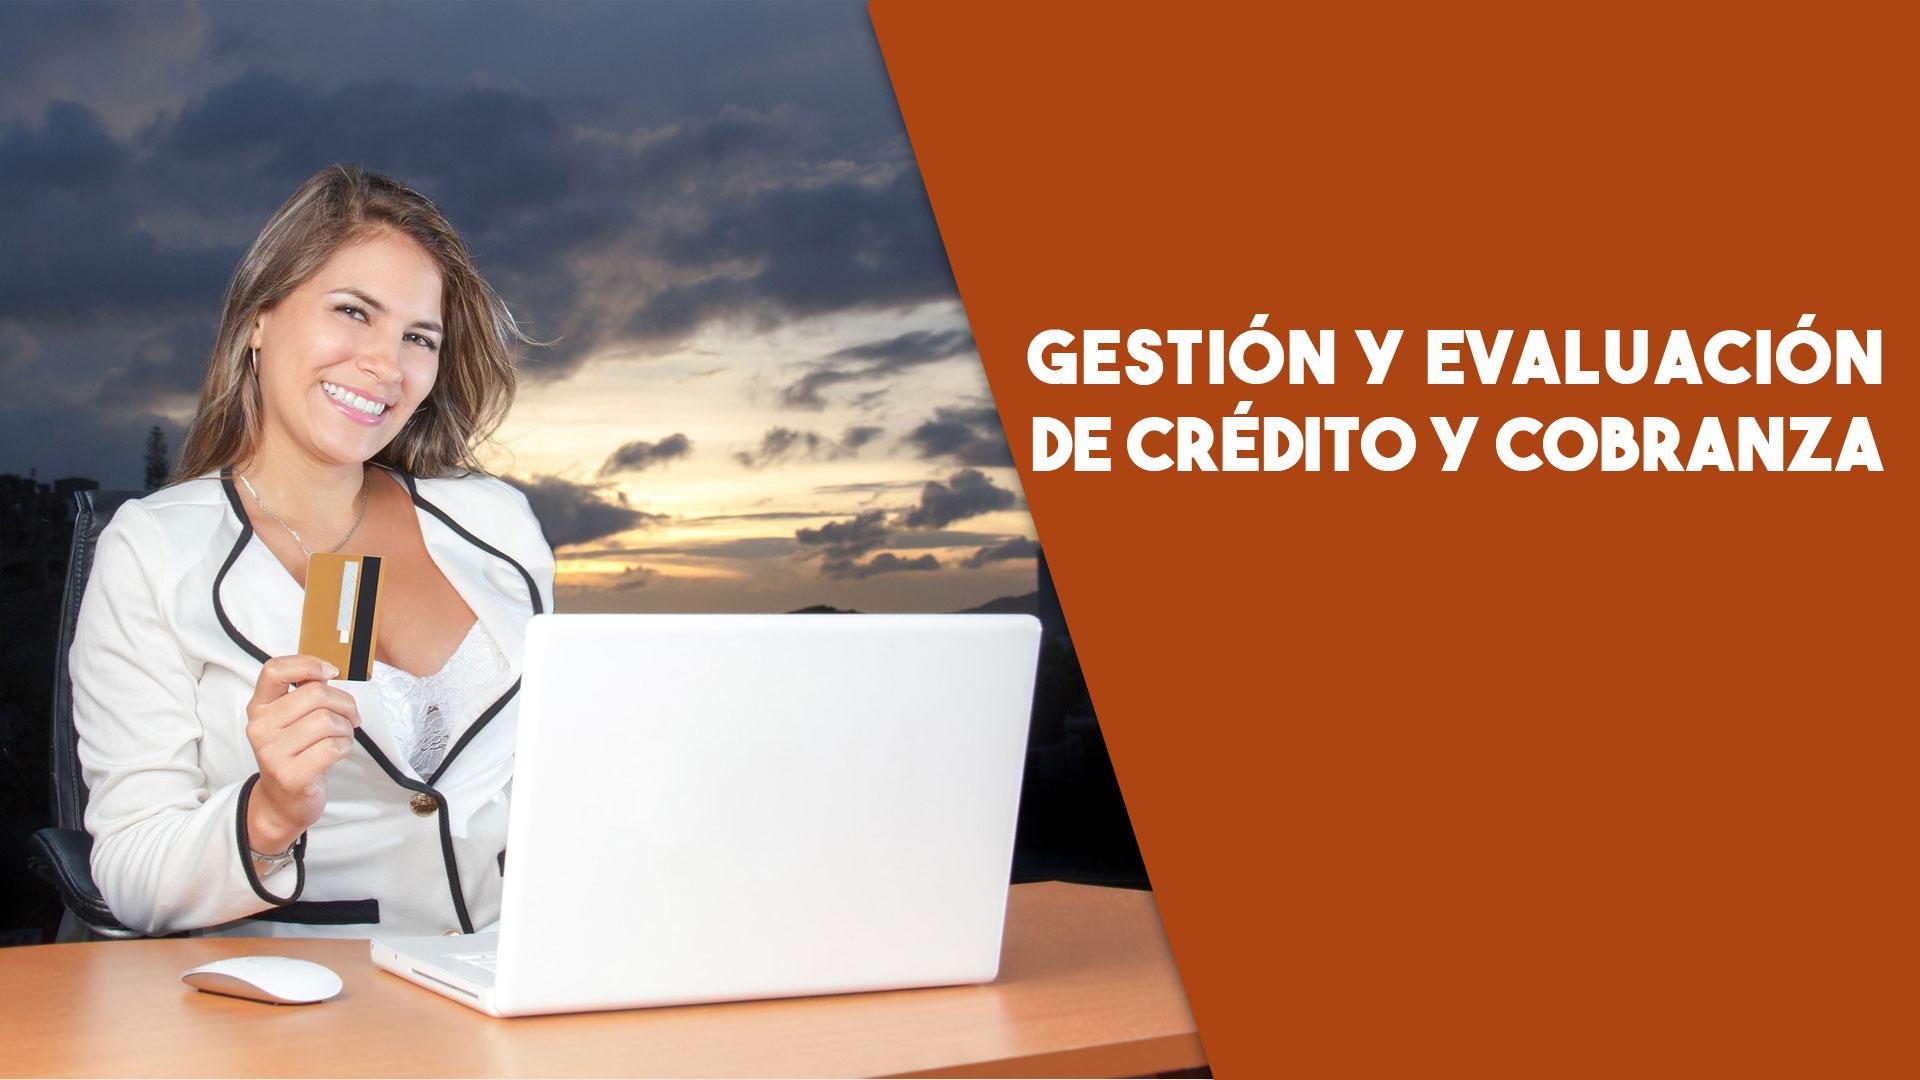 Gestión y Evaluación de Crédito y Conranzas